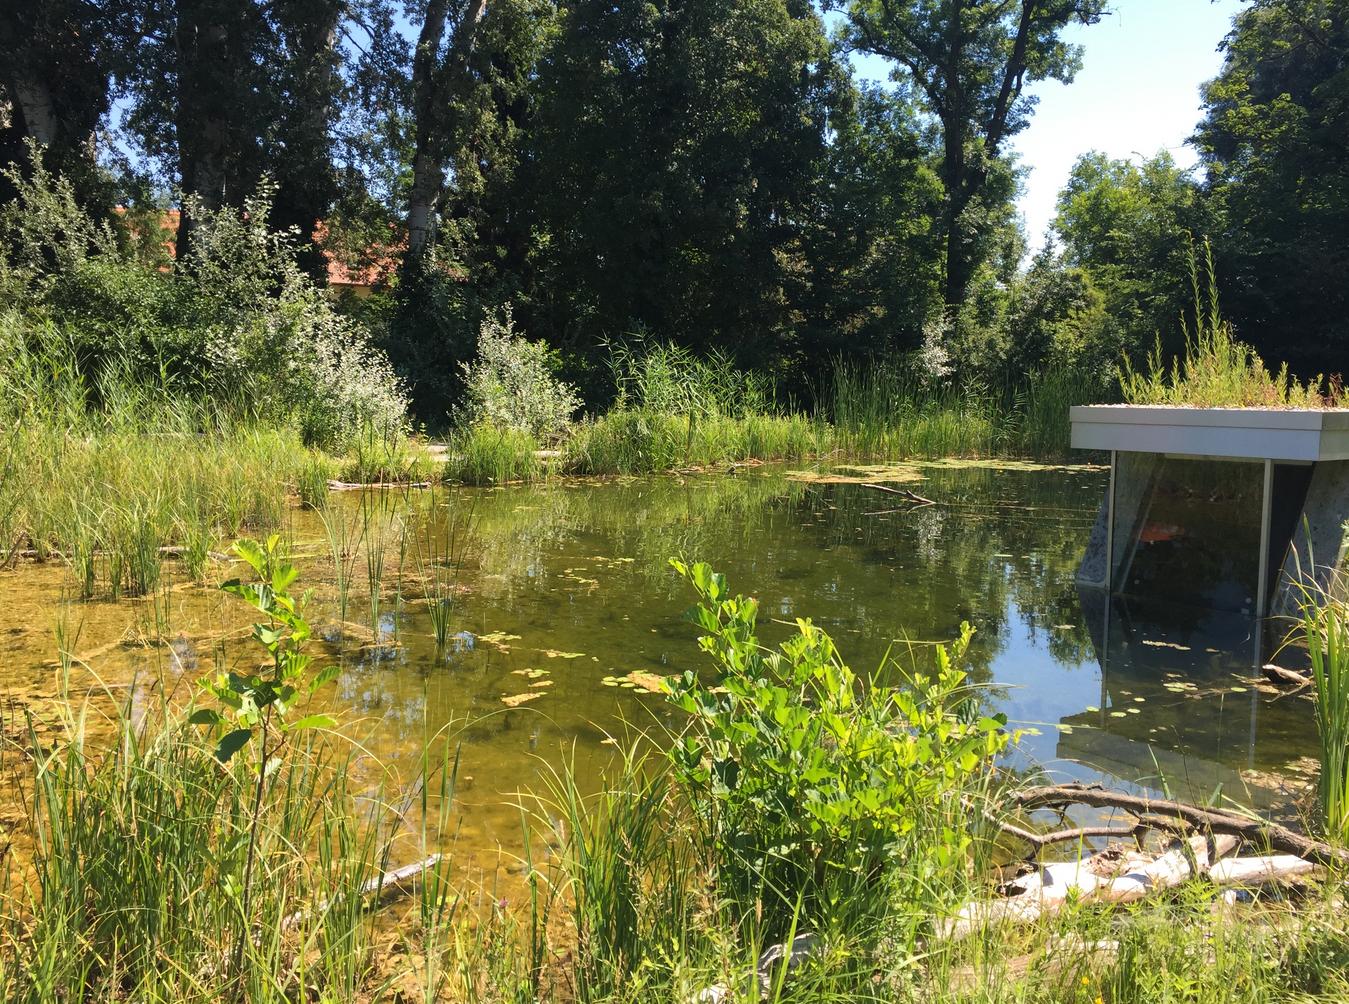 Dieses Bild zeigt die wunderbare Natur im Nationalpark Donauauen.